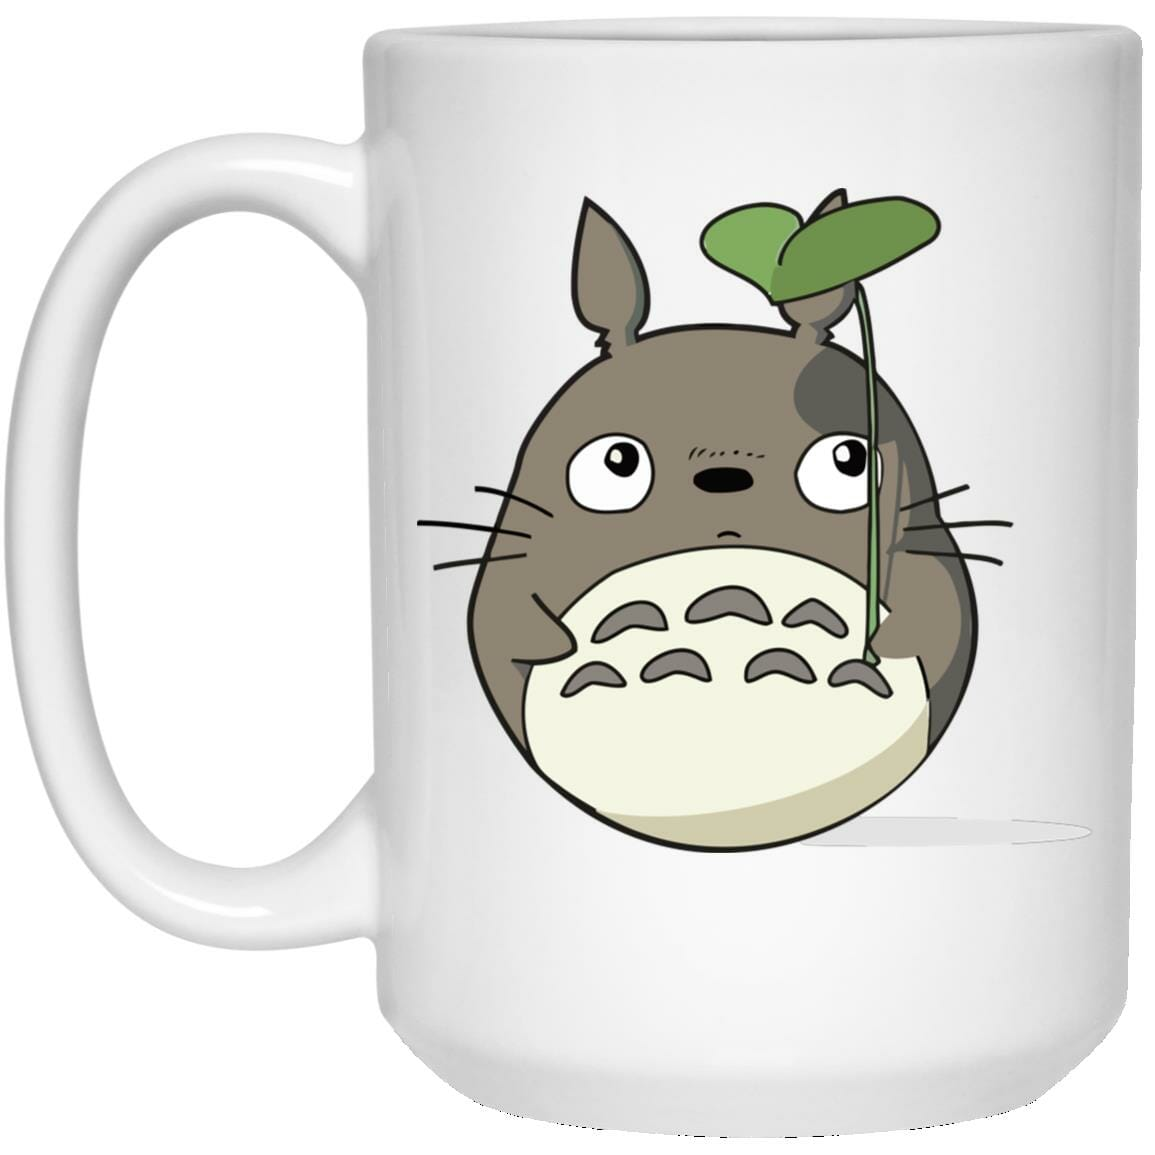 Totoro and the Leaf Umbrella Mug